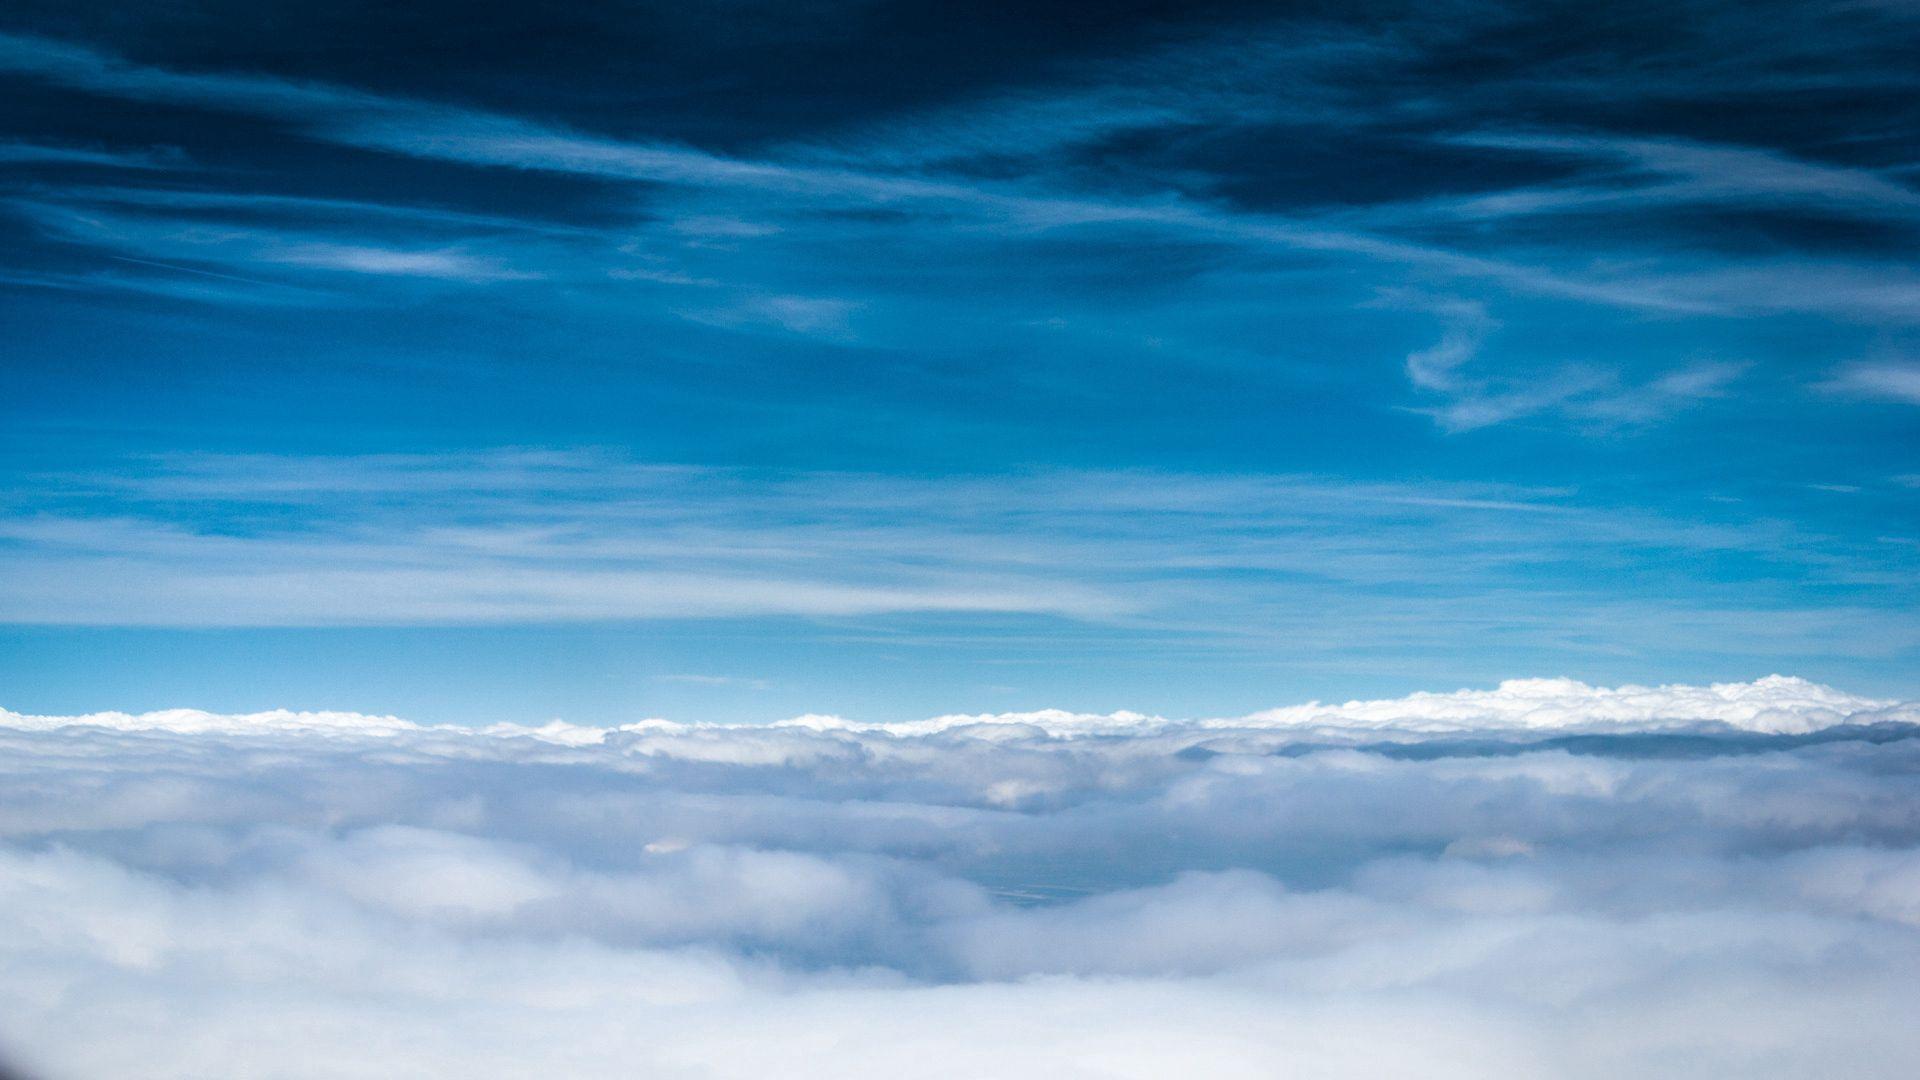 80121 papel de parede 2160x3840 em seu telefone gratuitamente, baixe imagens Natureza, Céu, Nuvens, Linhas, Altura, Frescor, Tons, Ar 2160x3840 em seu celular